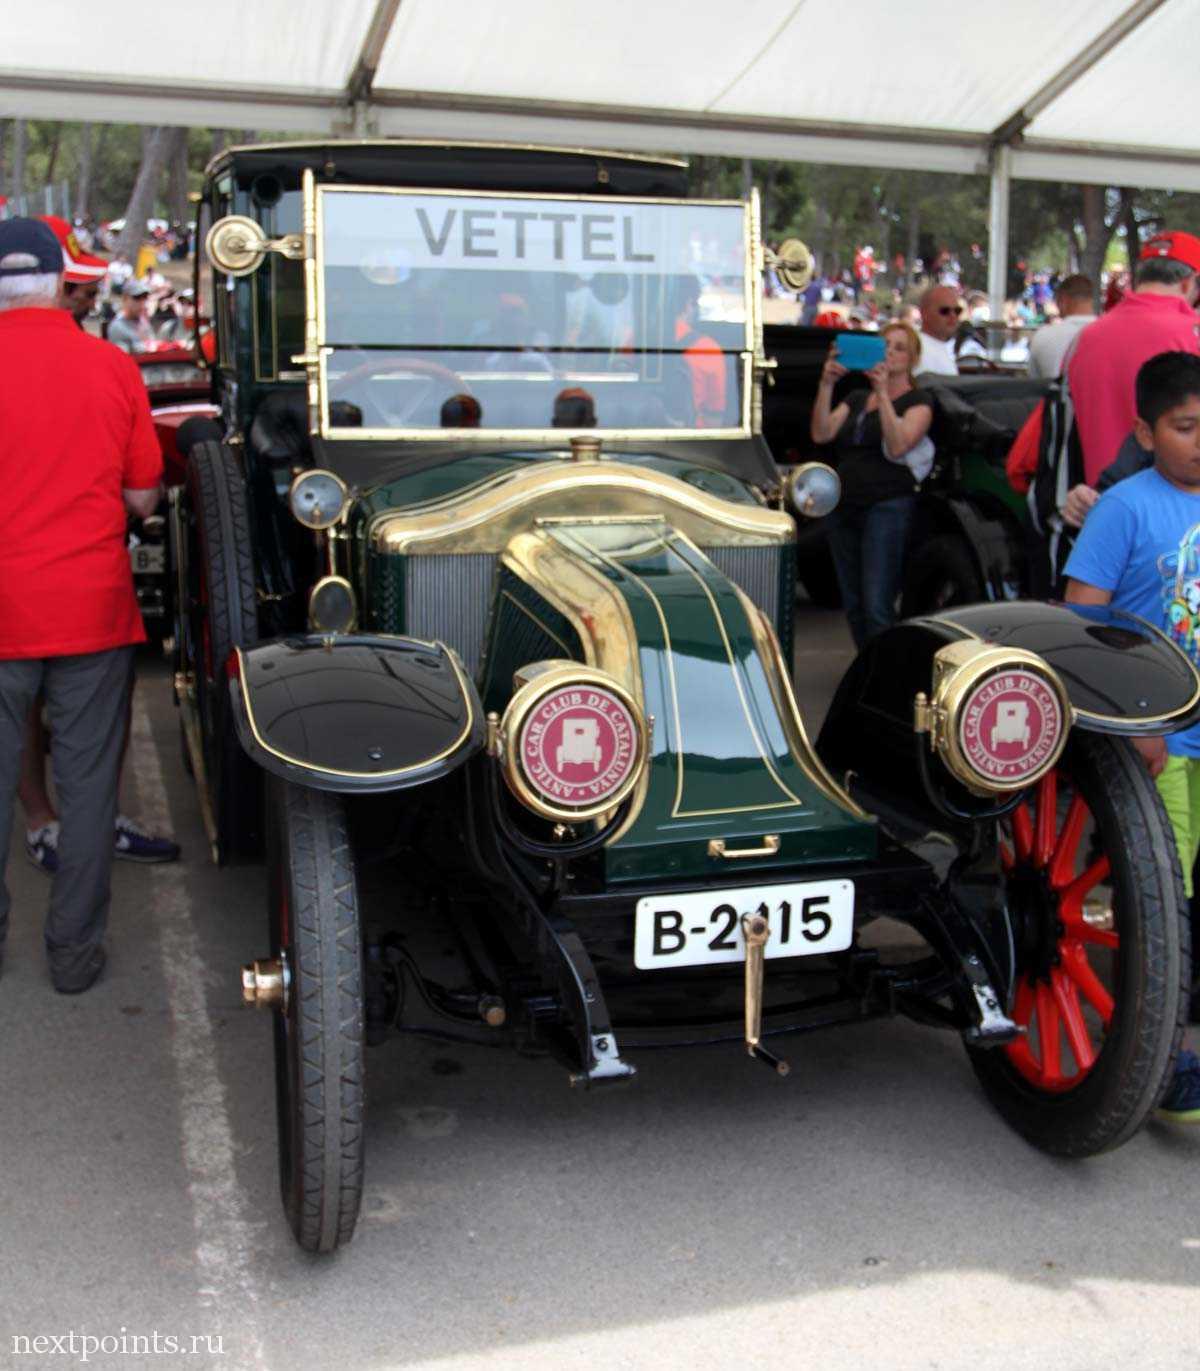 Машина Феттеля с парада пилотов на трассе Формулы 1 в Испании